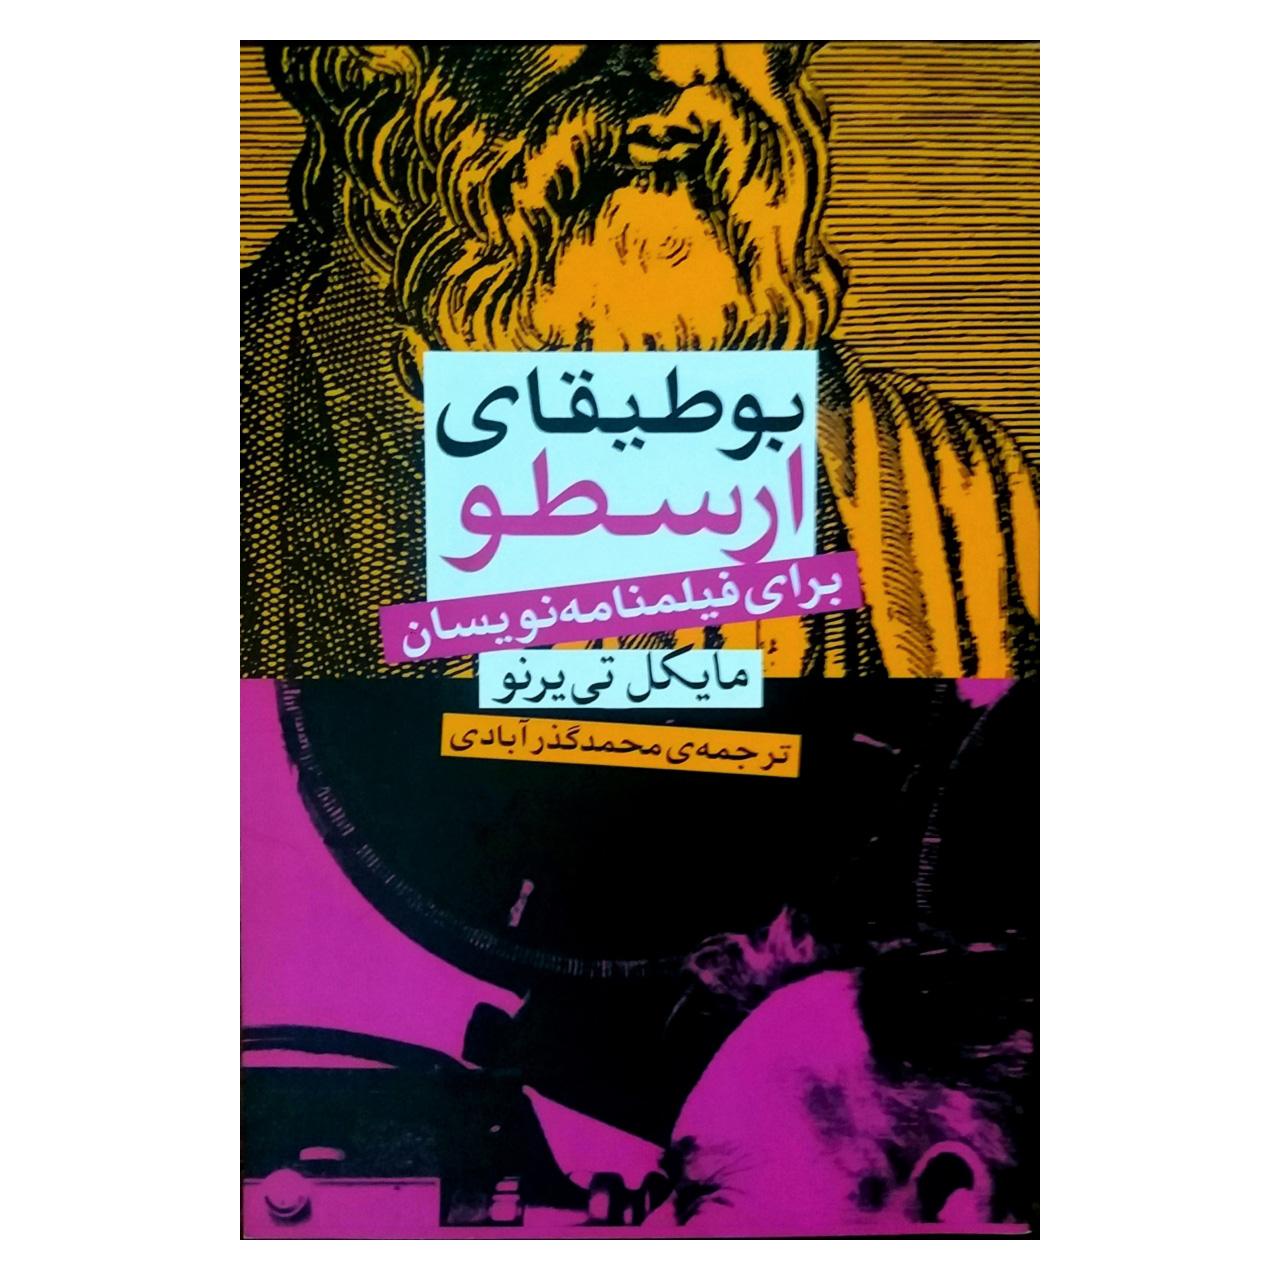 خرید                      کتاب بوطیقای ارسطو برای فیلمنامه نویسان اثر مایکل تی یرنو نشر ساقی